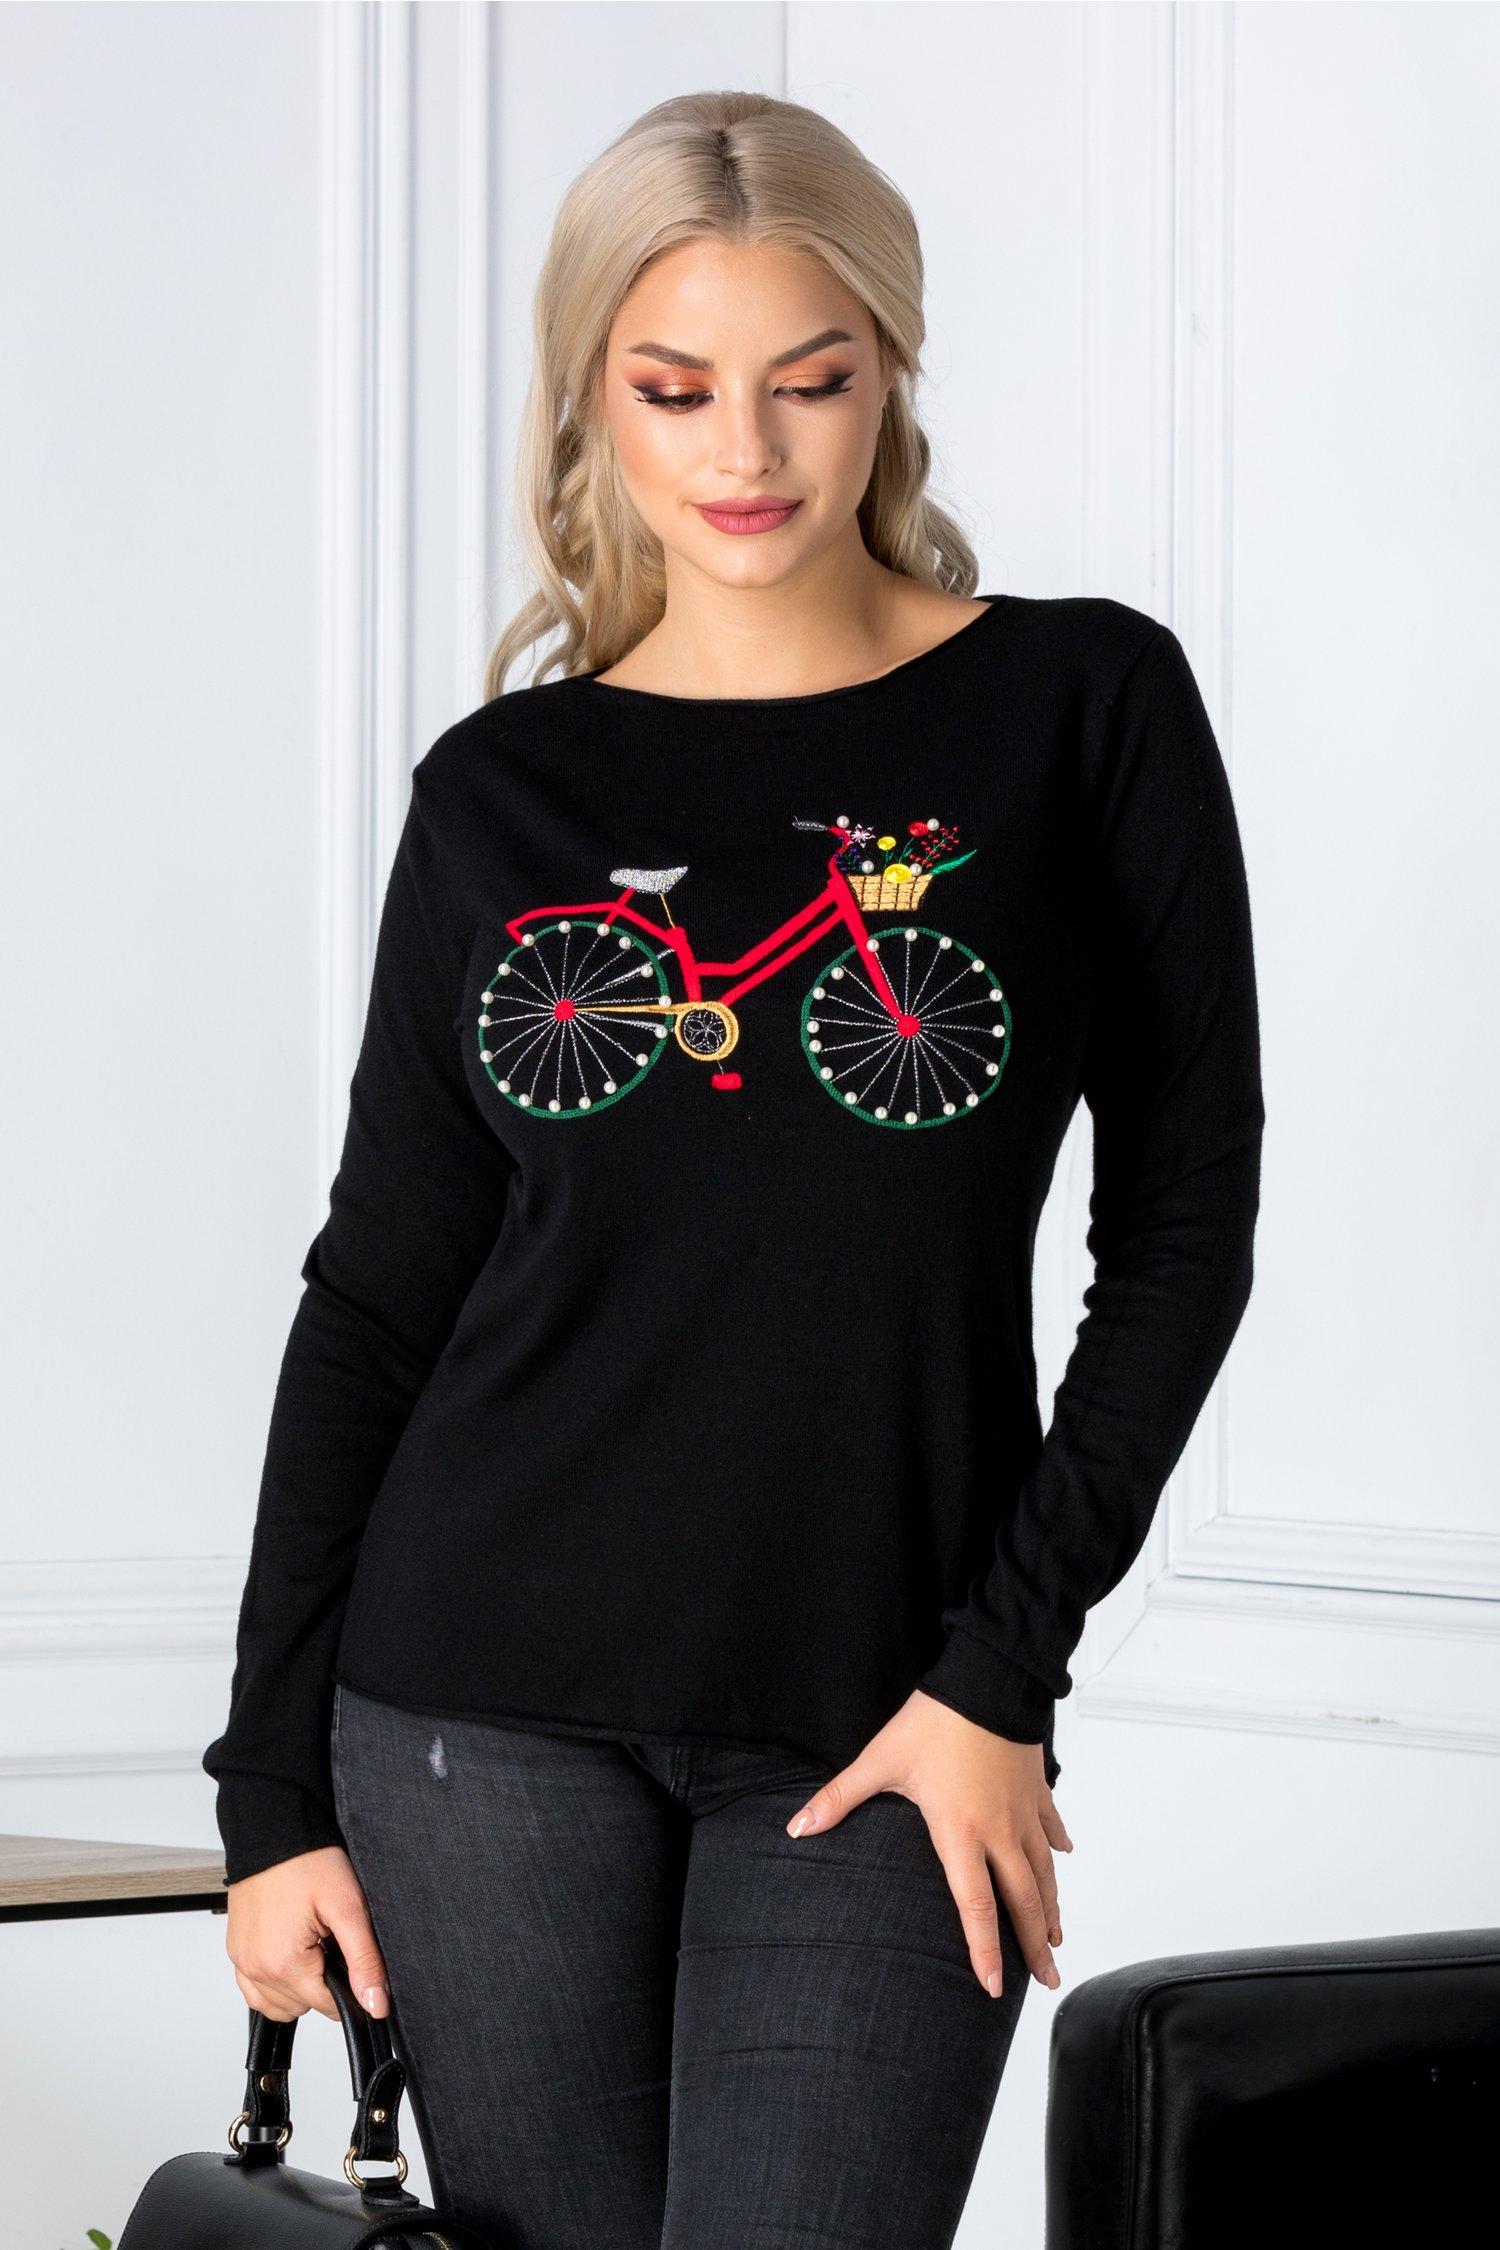 Bluza neaagra cu bicicleta brodata si perlute